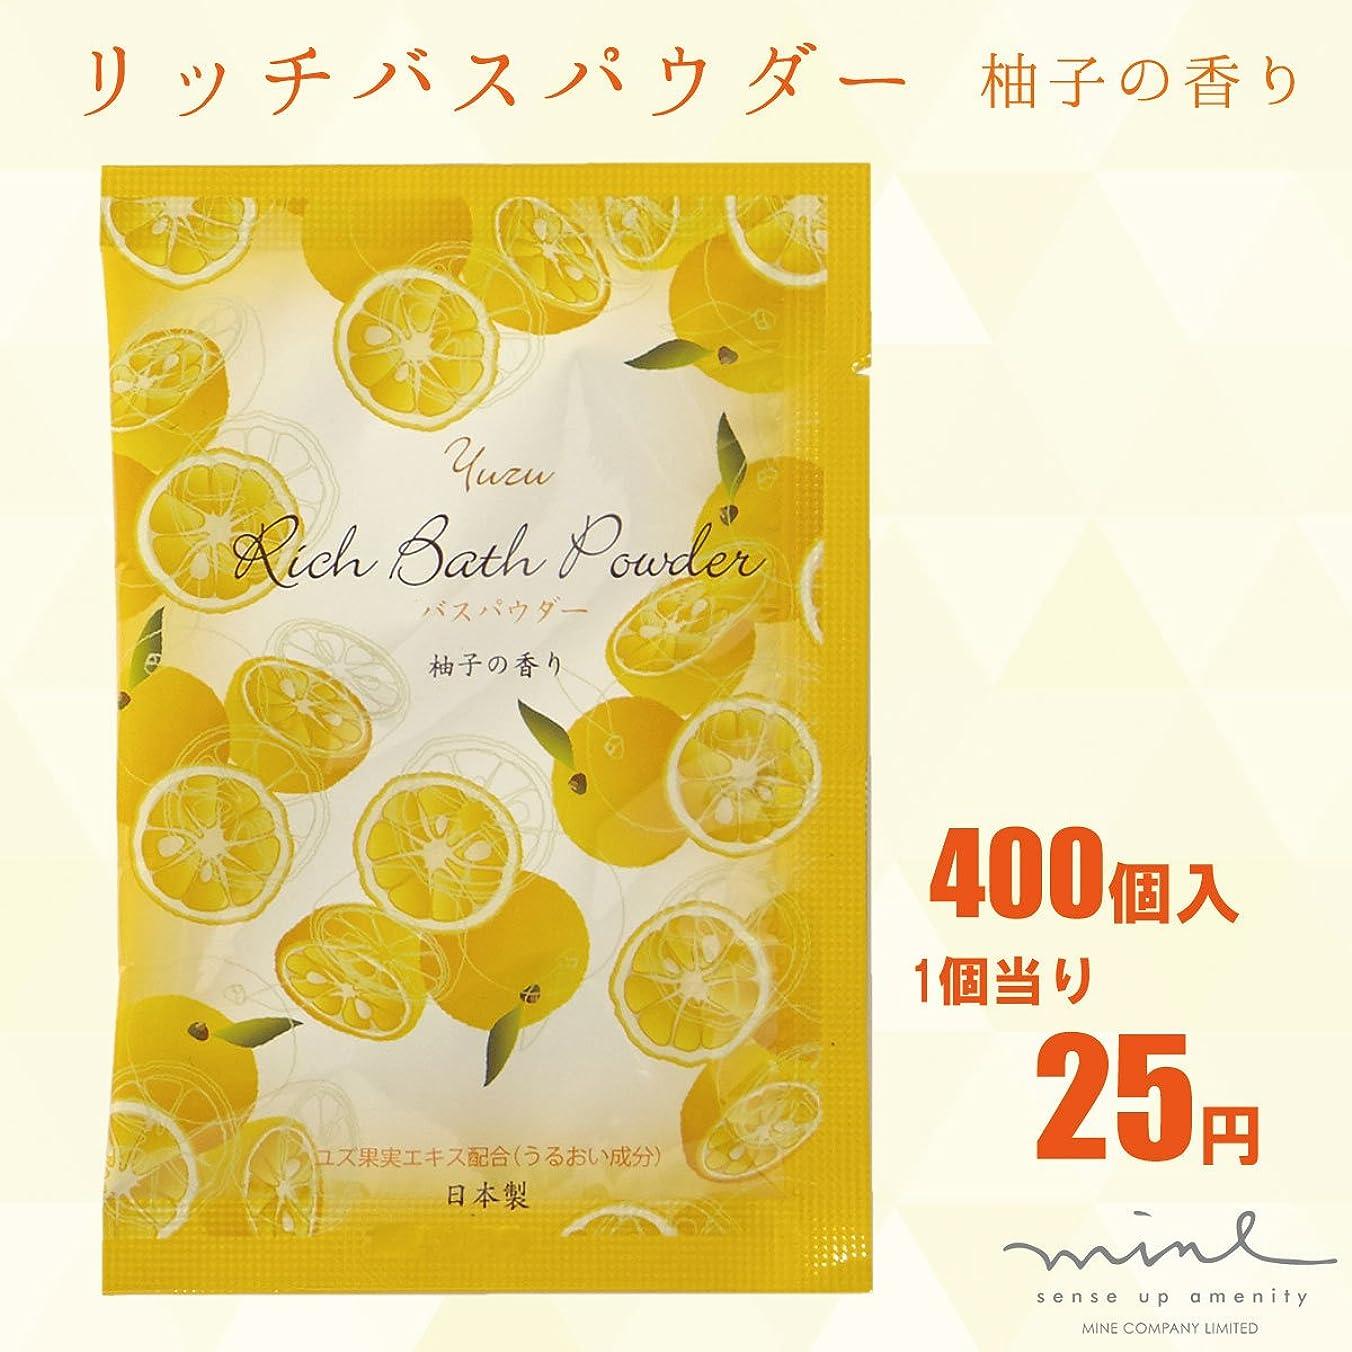 スーツケース用語集アイザックリッチバスパウダー20g 柚子の香り × 400個